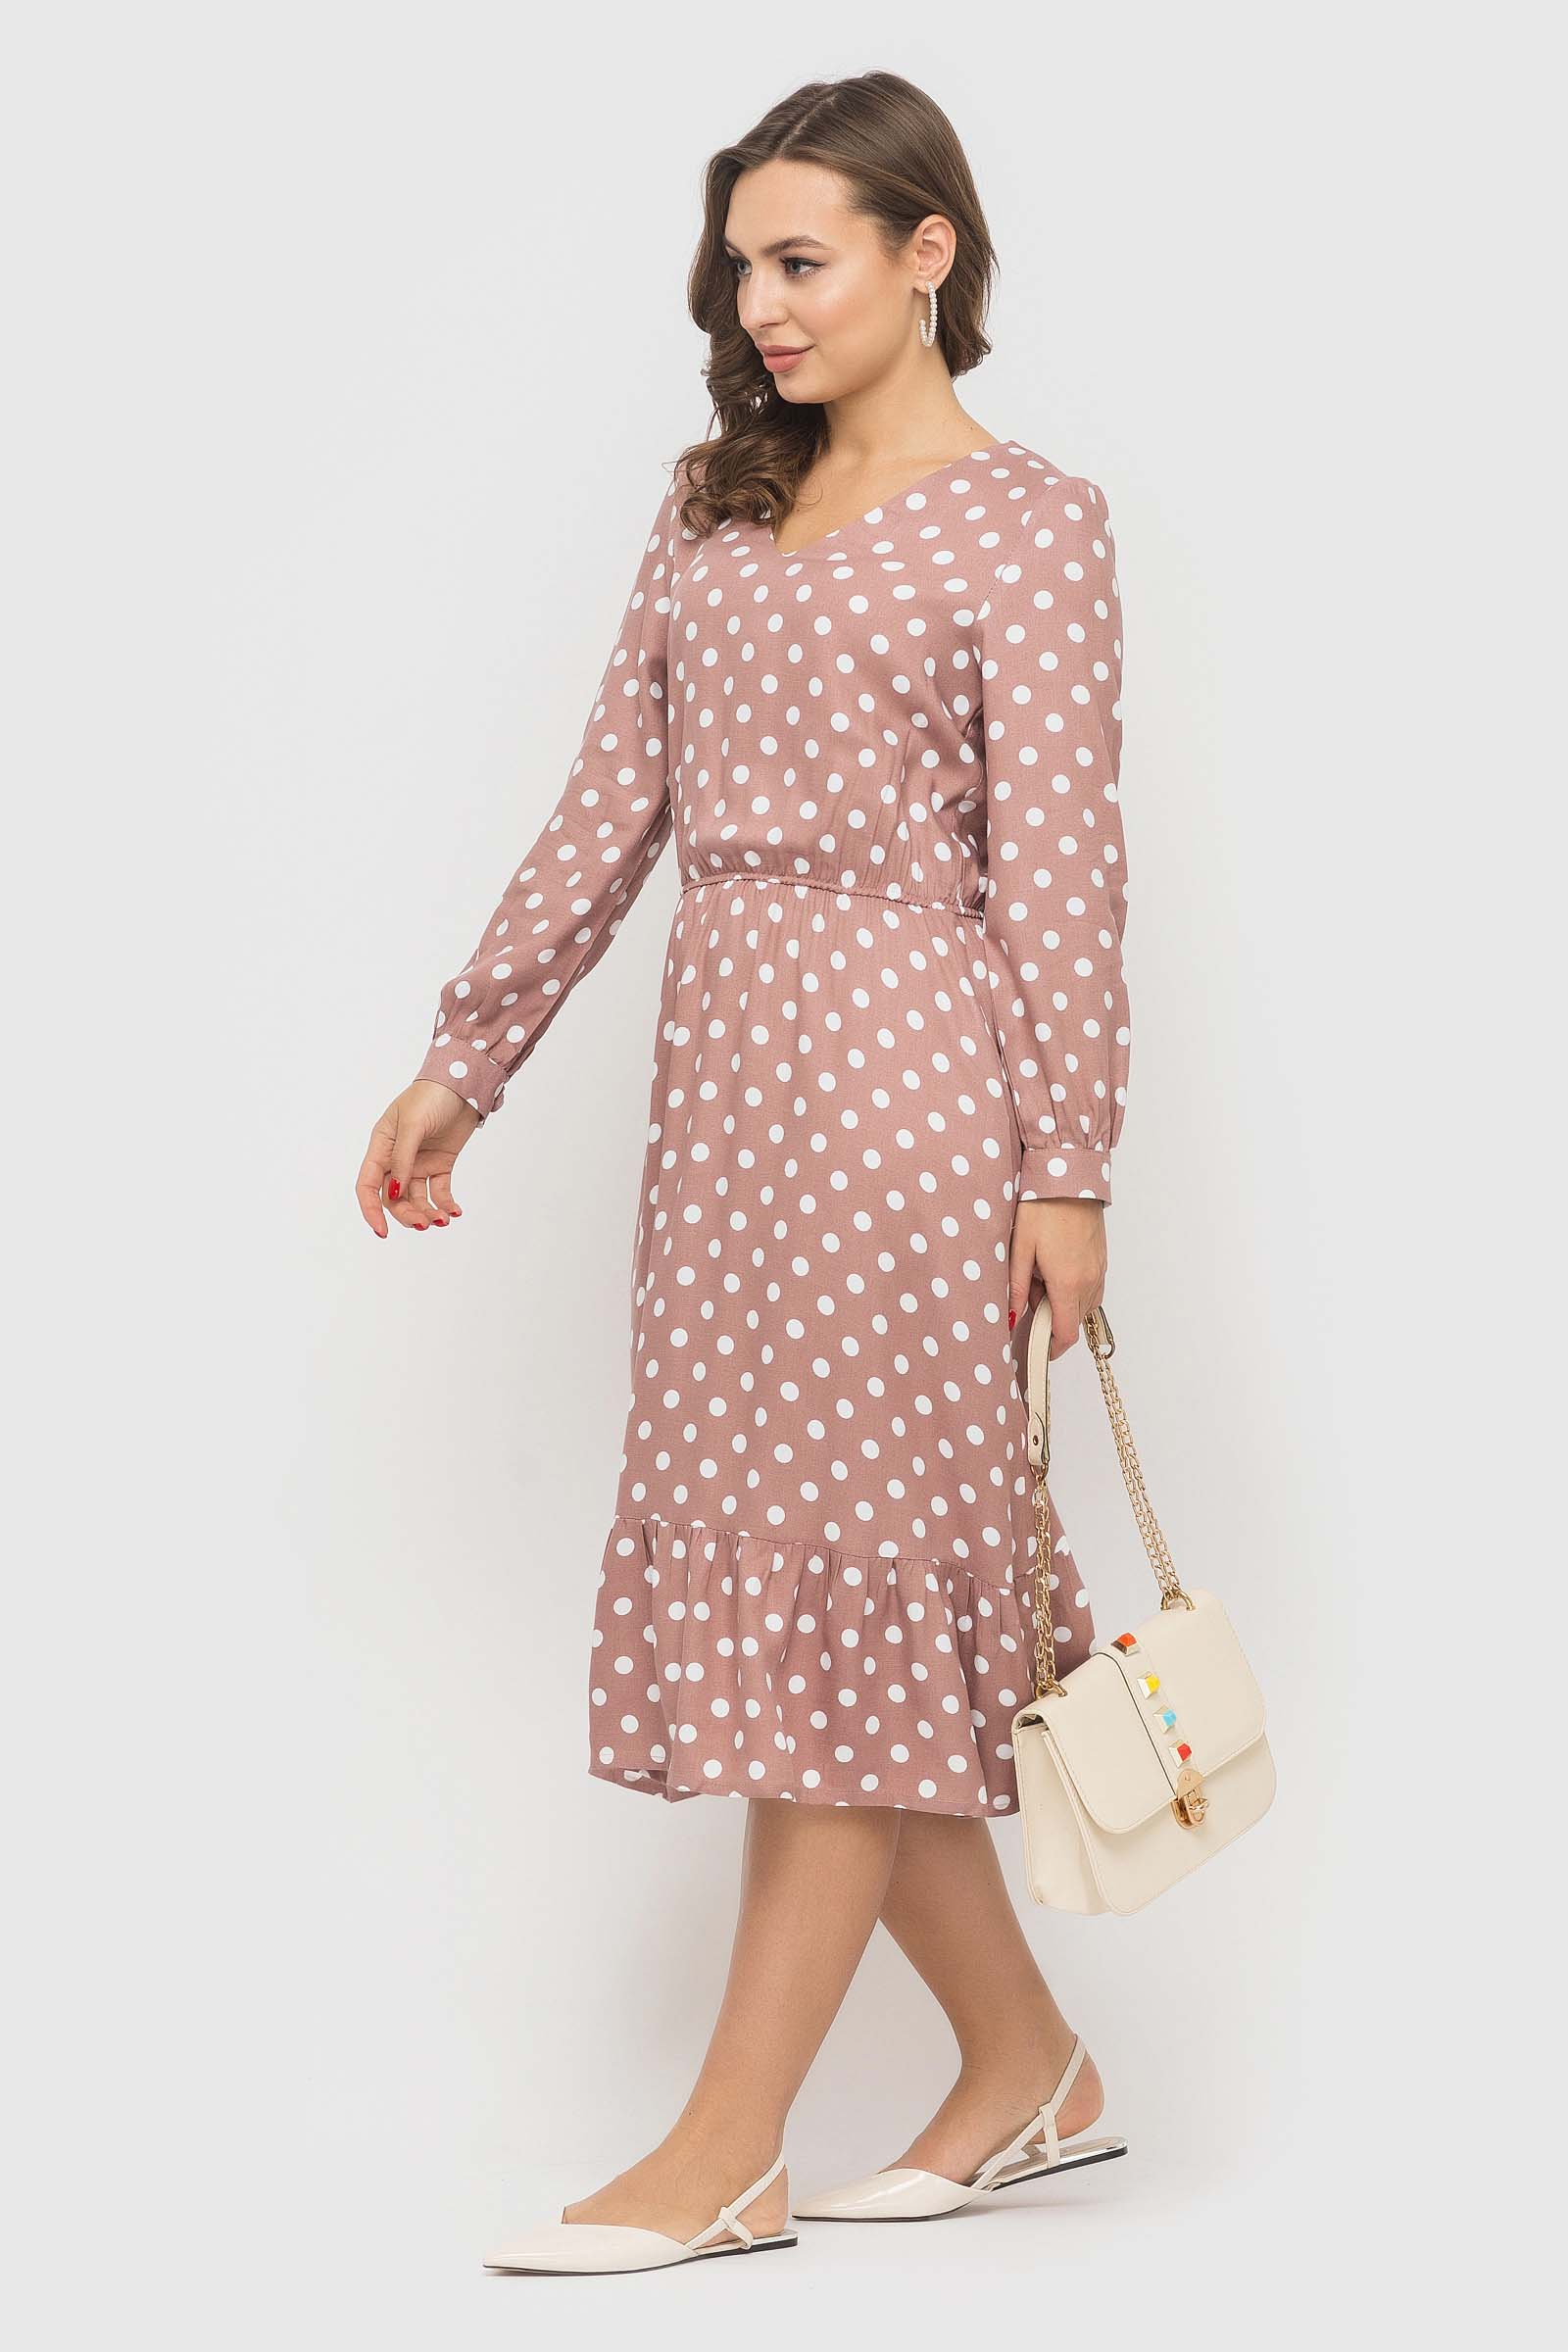 Платье в горошек из натуральной ткани